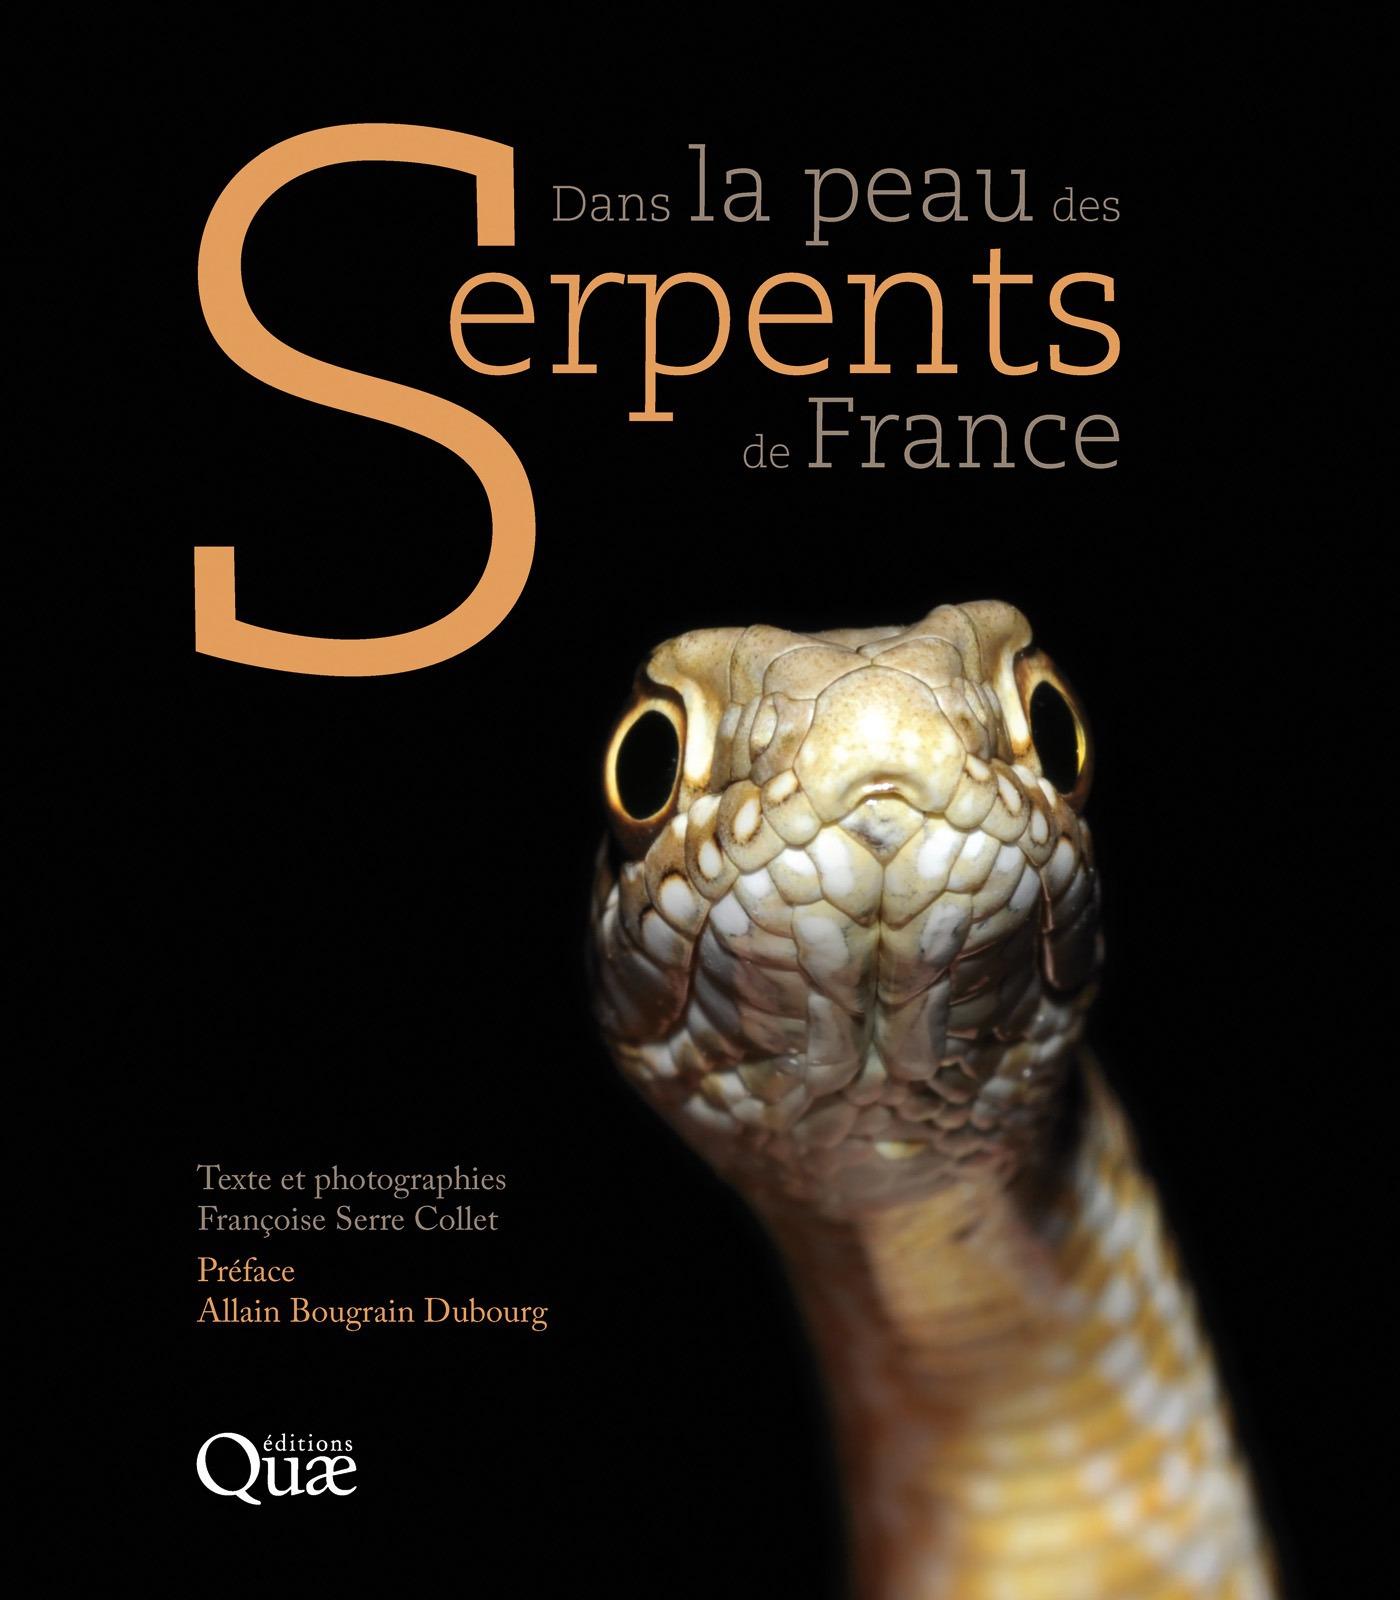 Françoise Serre Collet Dans la peau des serpents de France